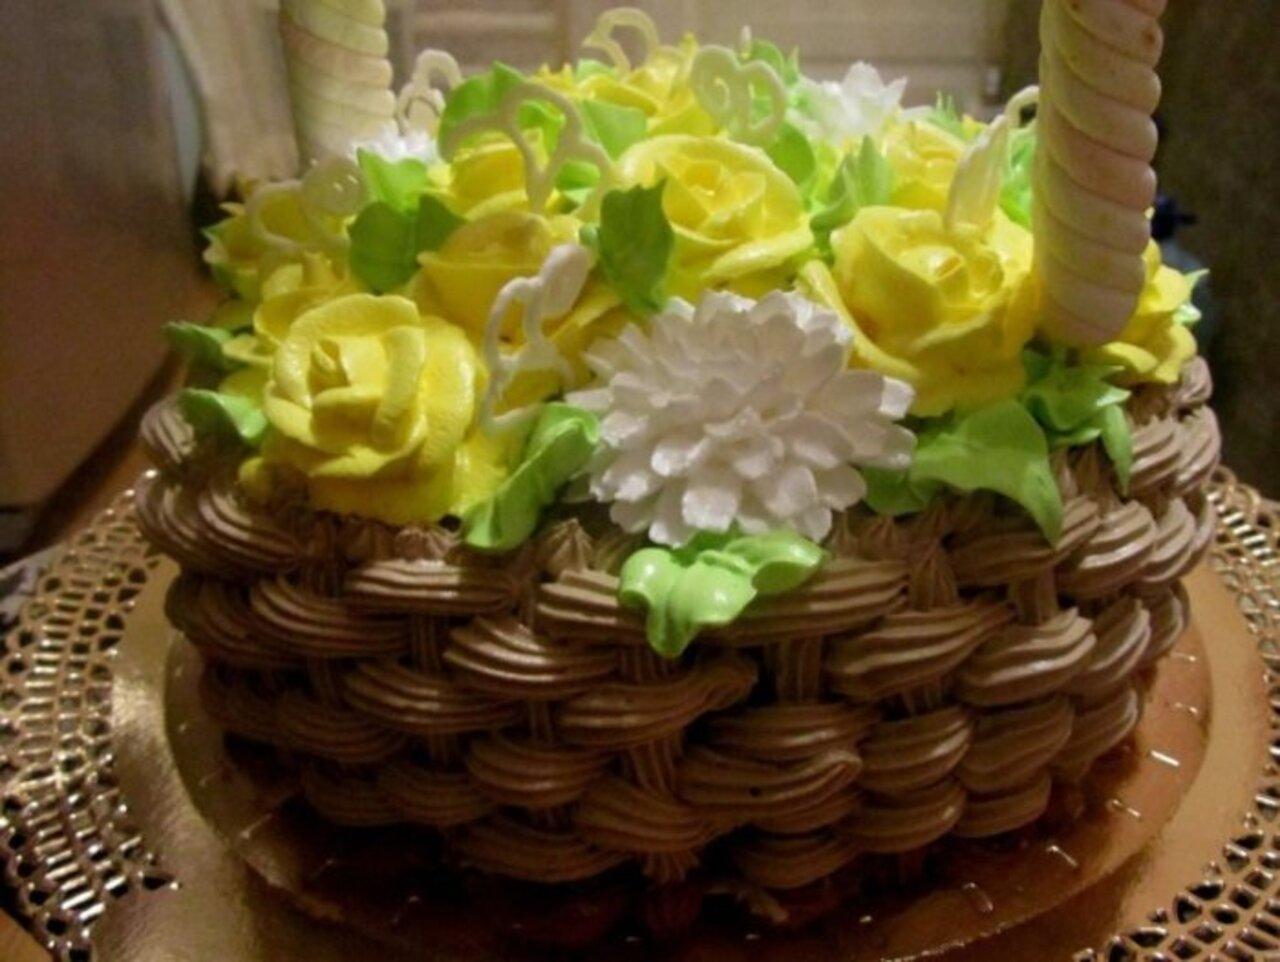 желаю кремовый торт корзинка с цветами картинки вам